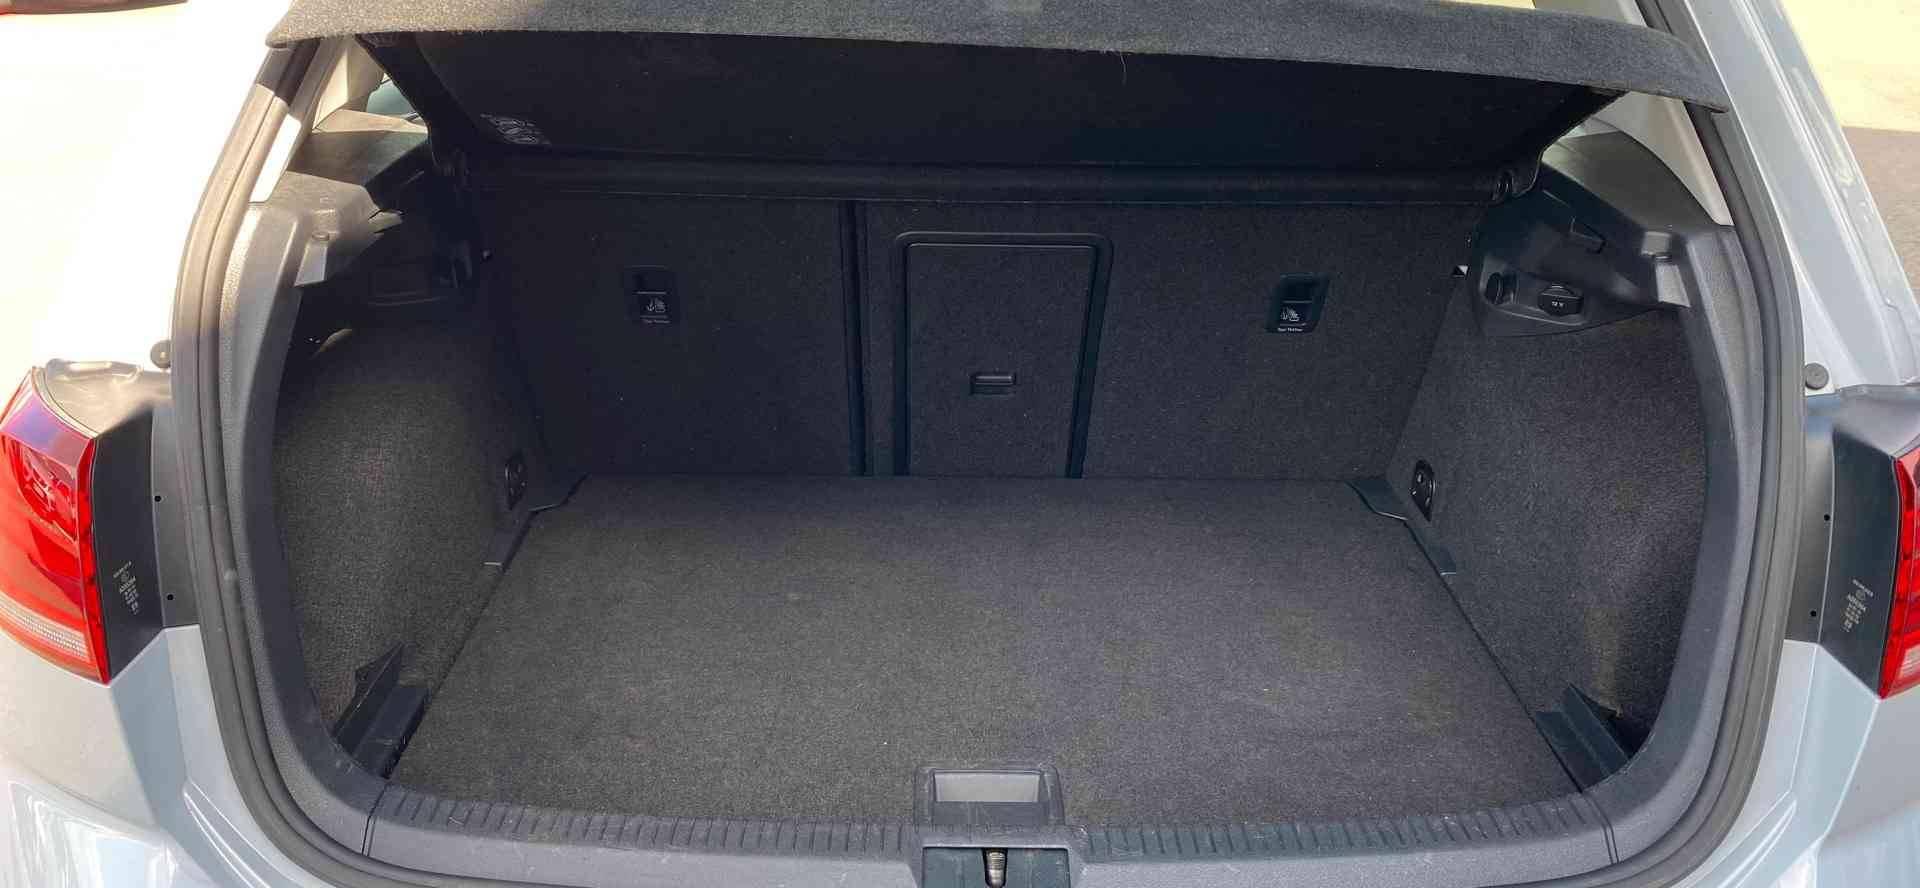 8 - Golf 1.4 TSI 125 BlueMotion Technology